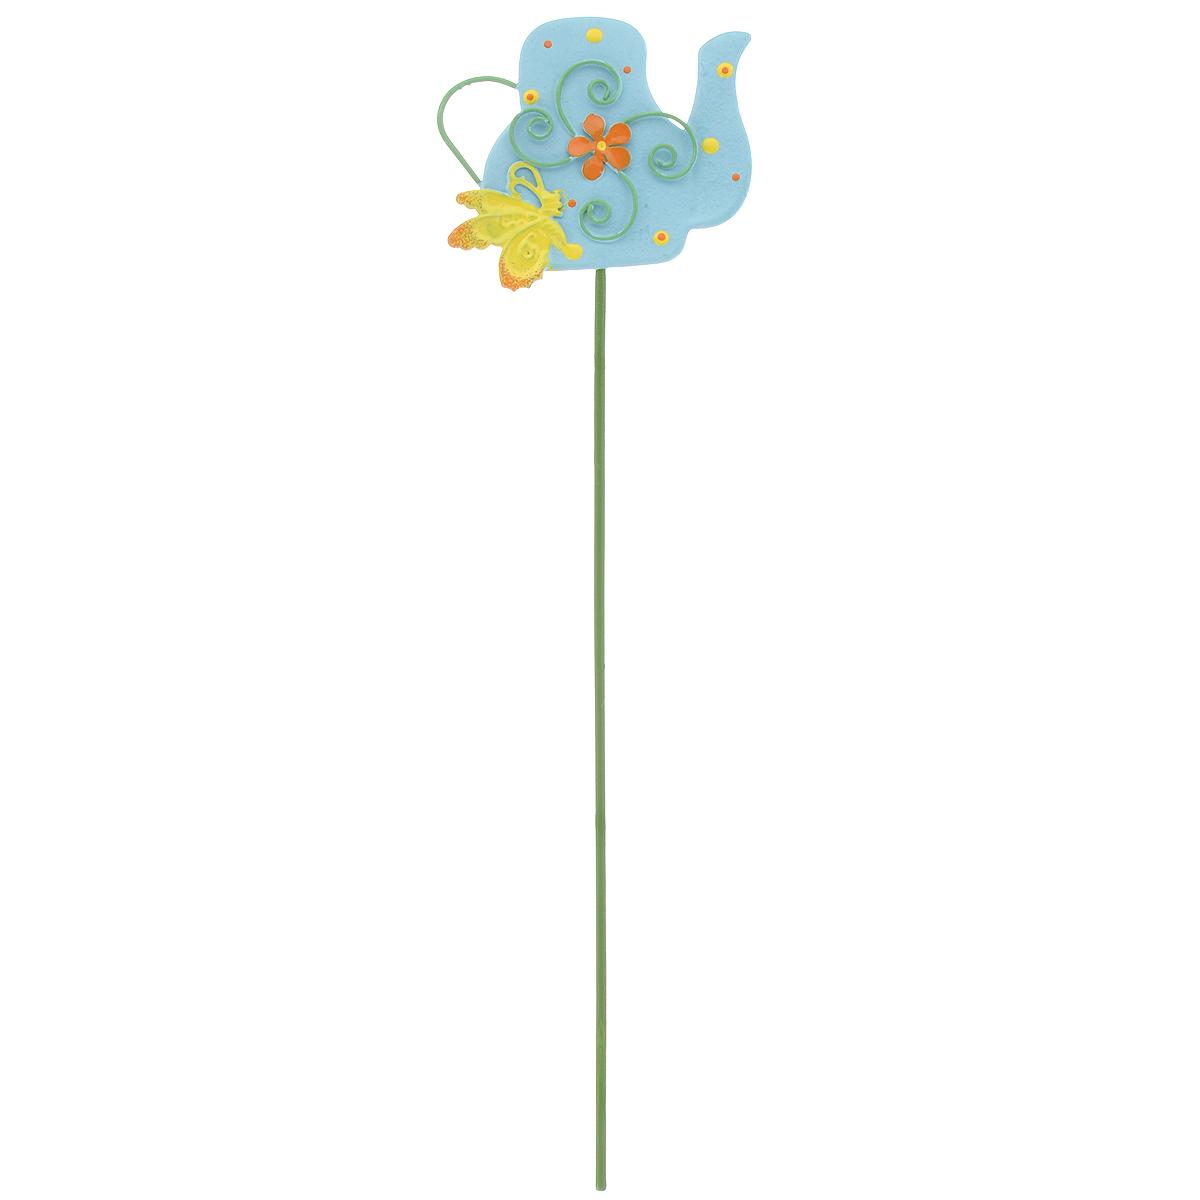 Украшение на ножке Village People Чайничек, цвет: голубой, высота 27 смZ-0307Украшение на ножке Village People Чайнички предназначено для декорирования садового участка, грядок, клумб, домашних цветов в горшках, а также для поддержки и правильного роста растений. Чайник в ярком дизайне и с объемным рисунком на металлической ножке, легко устанавливается в землю. Изделие украсит ваш сад и добавит ярких красок. Размер декоративного элемента: 7 см х 6,2 см. Длина ножки: 27 см.